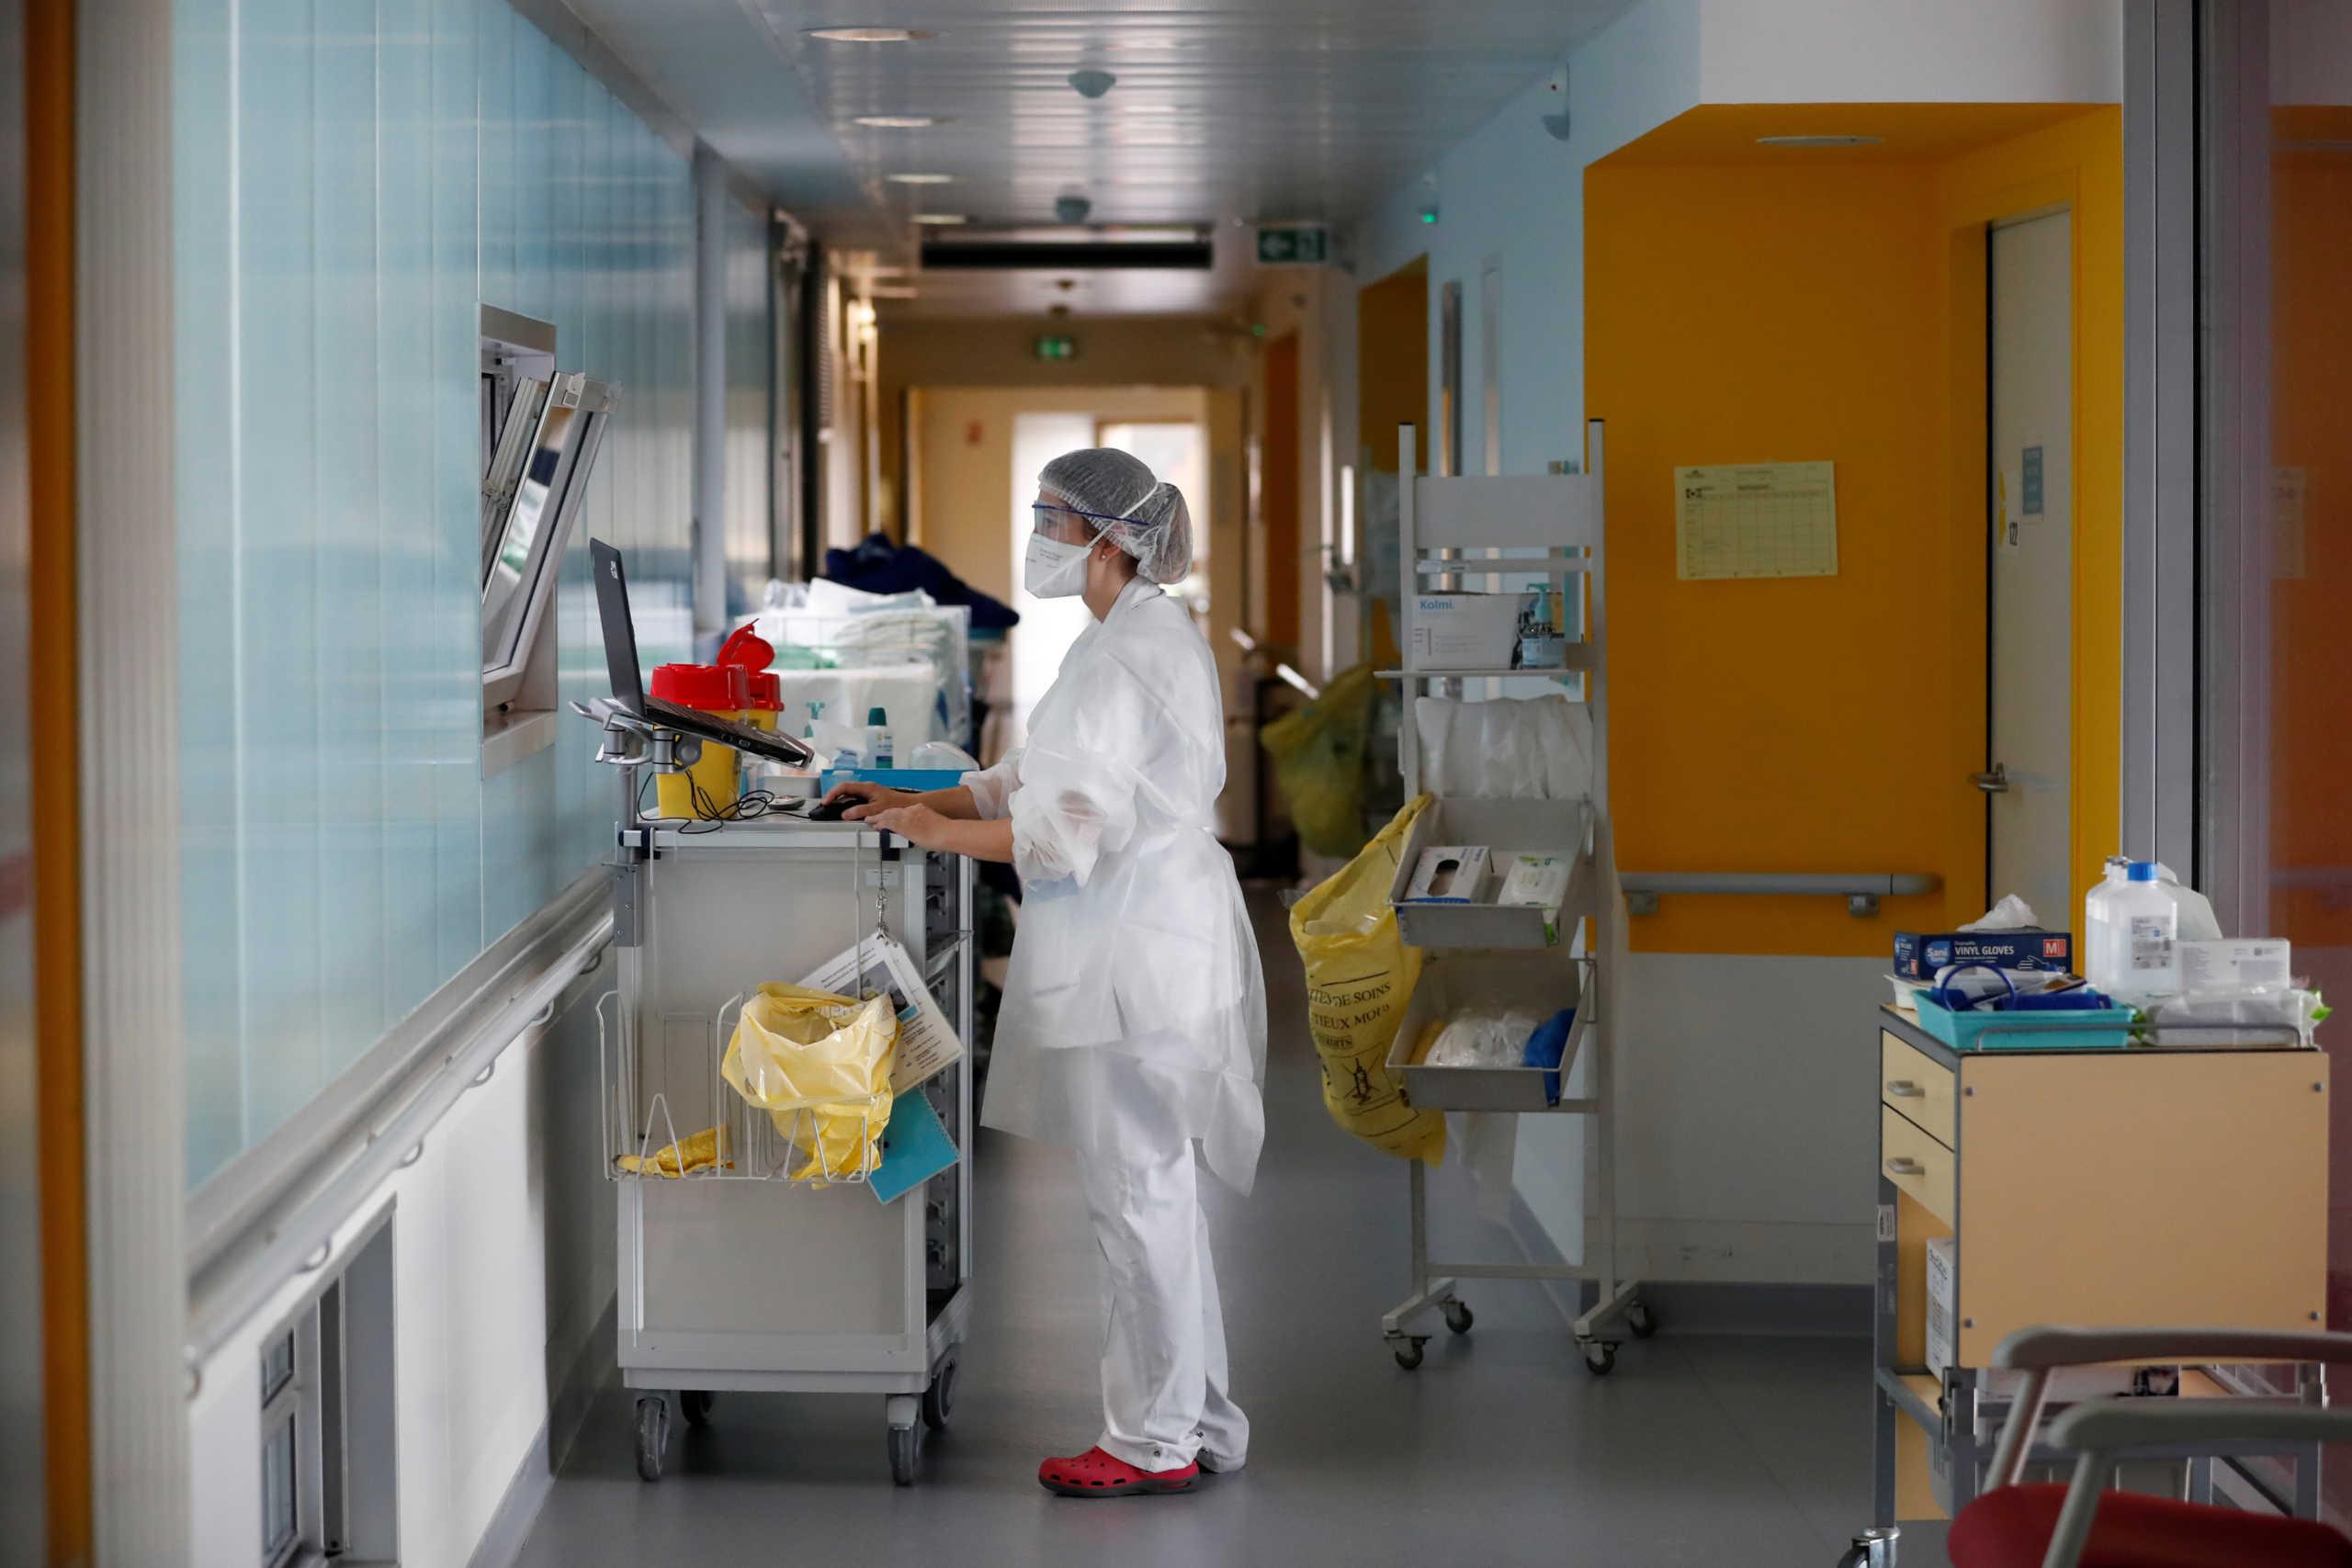 Κορονοϊός: Γεμίζουν με ασθενείς τα νοσοκομεία της Πάτρας – Διασωληνώθηκε 27χρονος